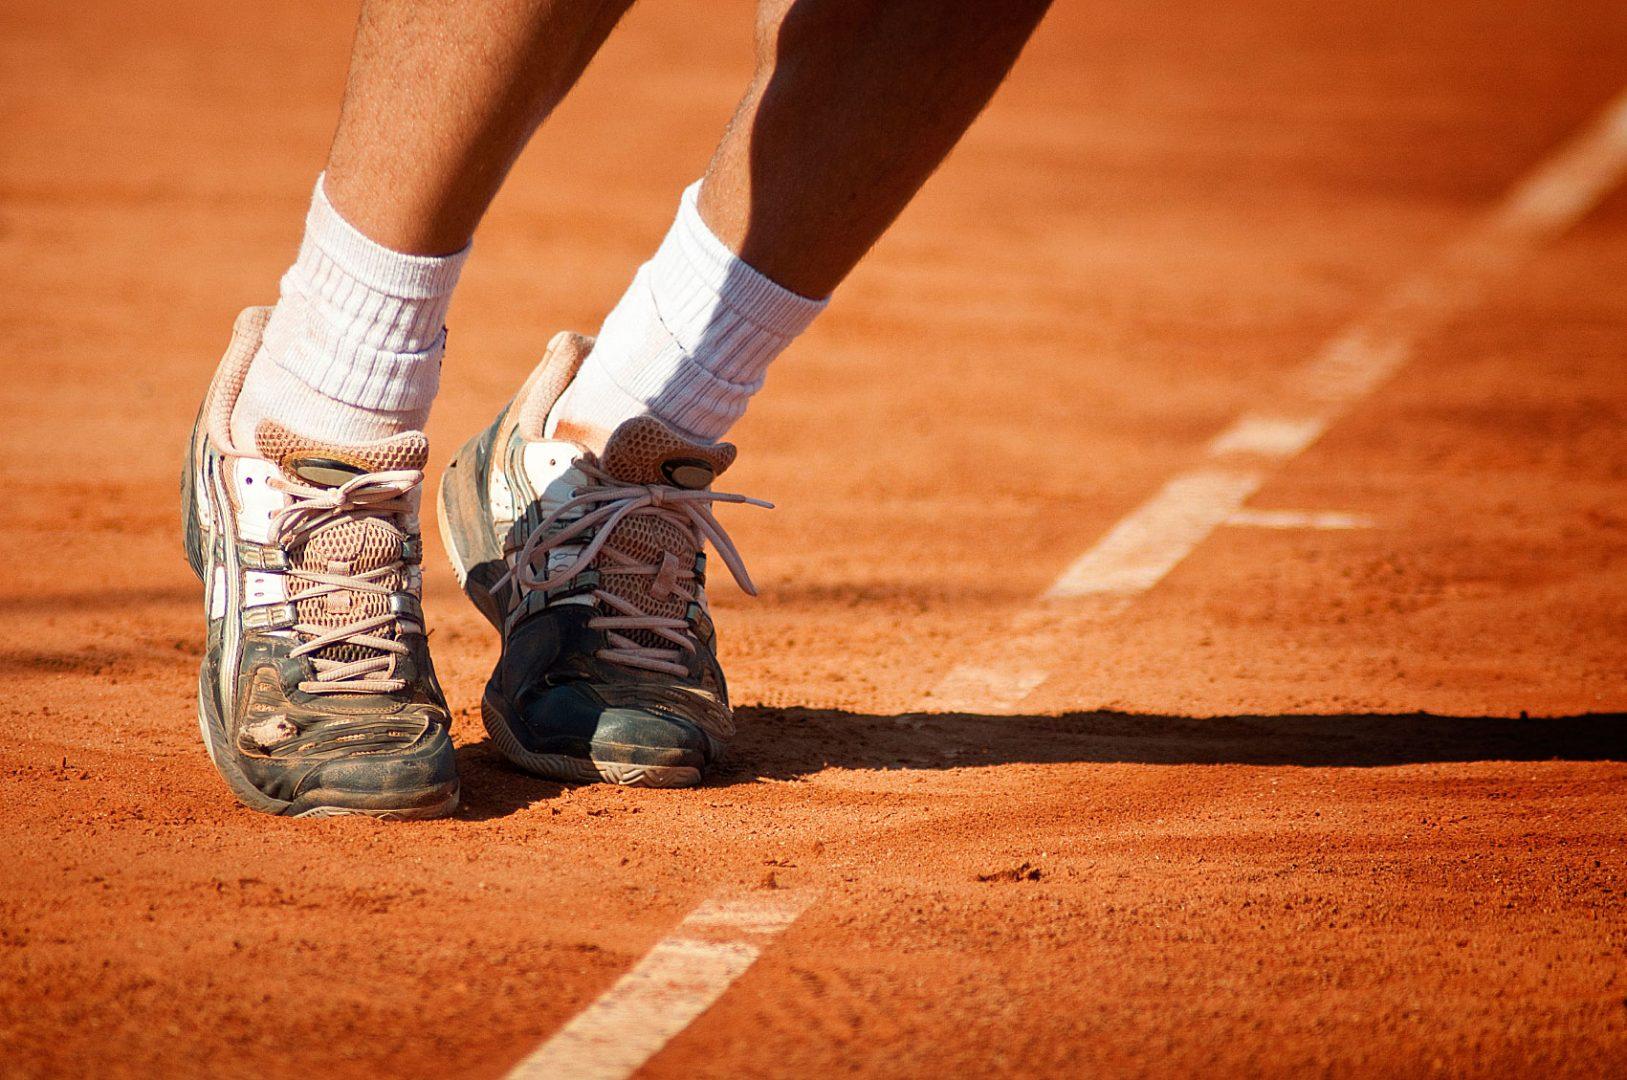 tipos de superficies de tenis   imagen via blog.mytennislessons.com  - ¿Qué tipos de pistas de tenis existen y cómo influyen en el juego del tenista?